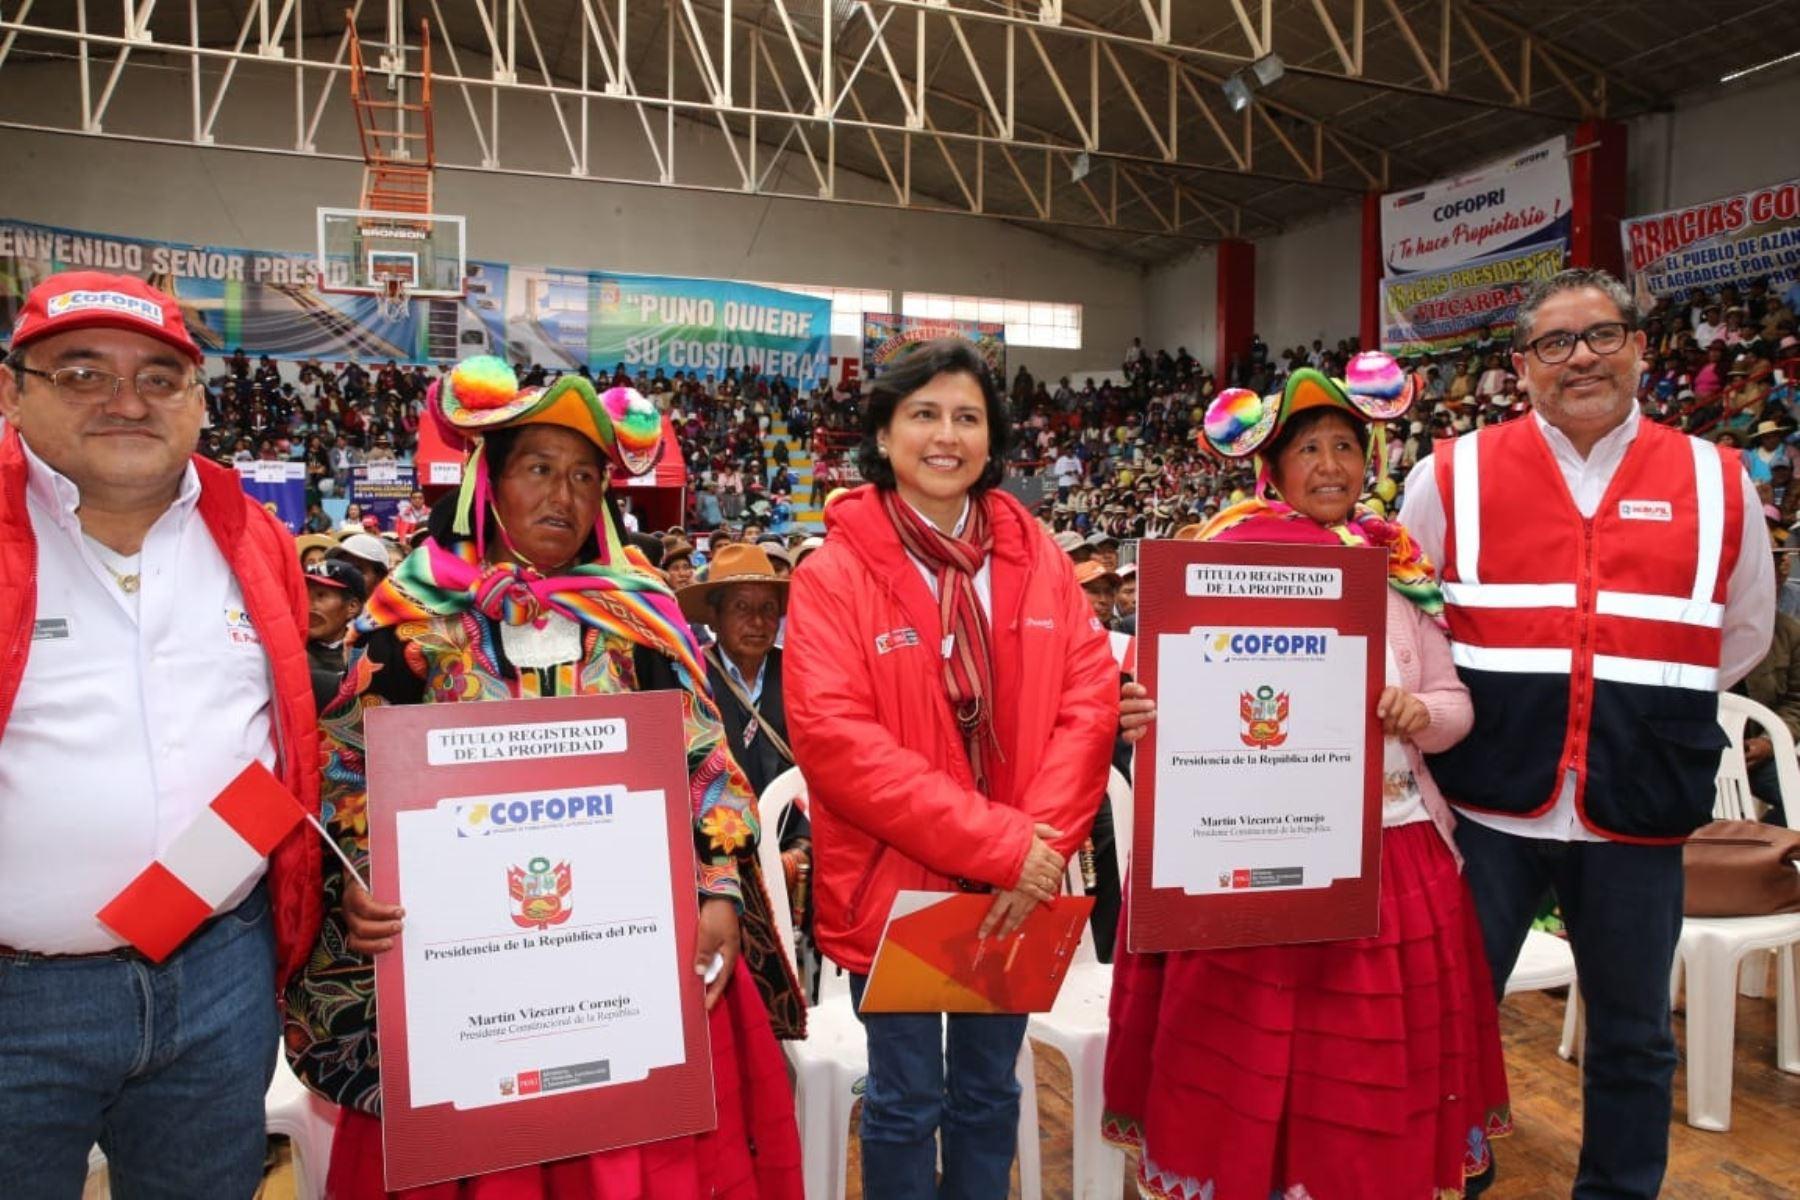 Ministra de Trabajo, Sylvia Cáceres, lanza programa Trabaja Perú 2019 y entrega títulos de propiedad en Puno. Foto: Cortesía.